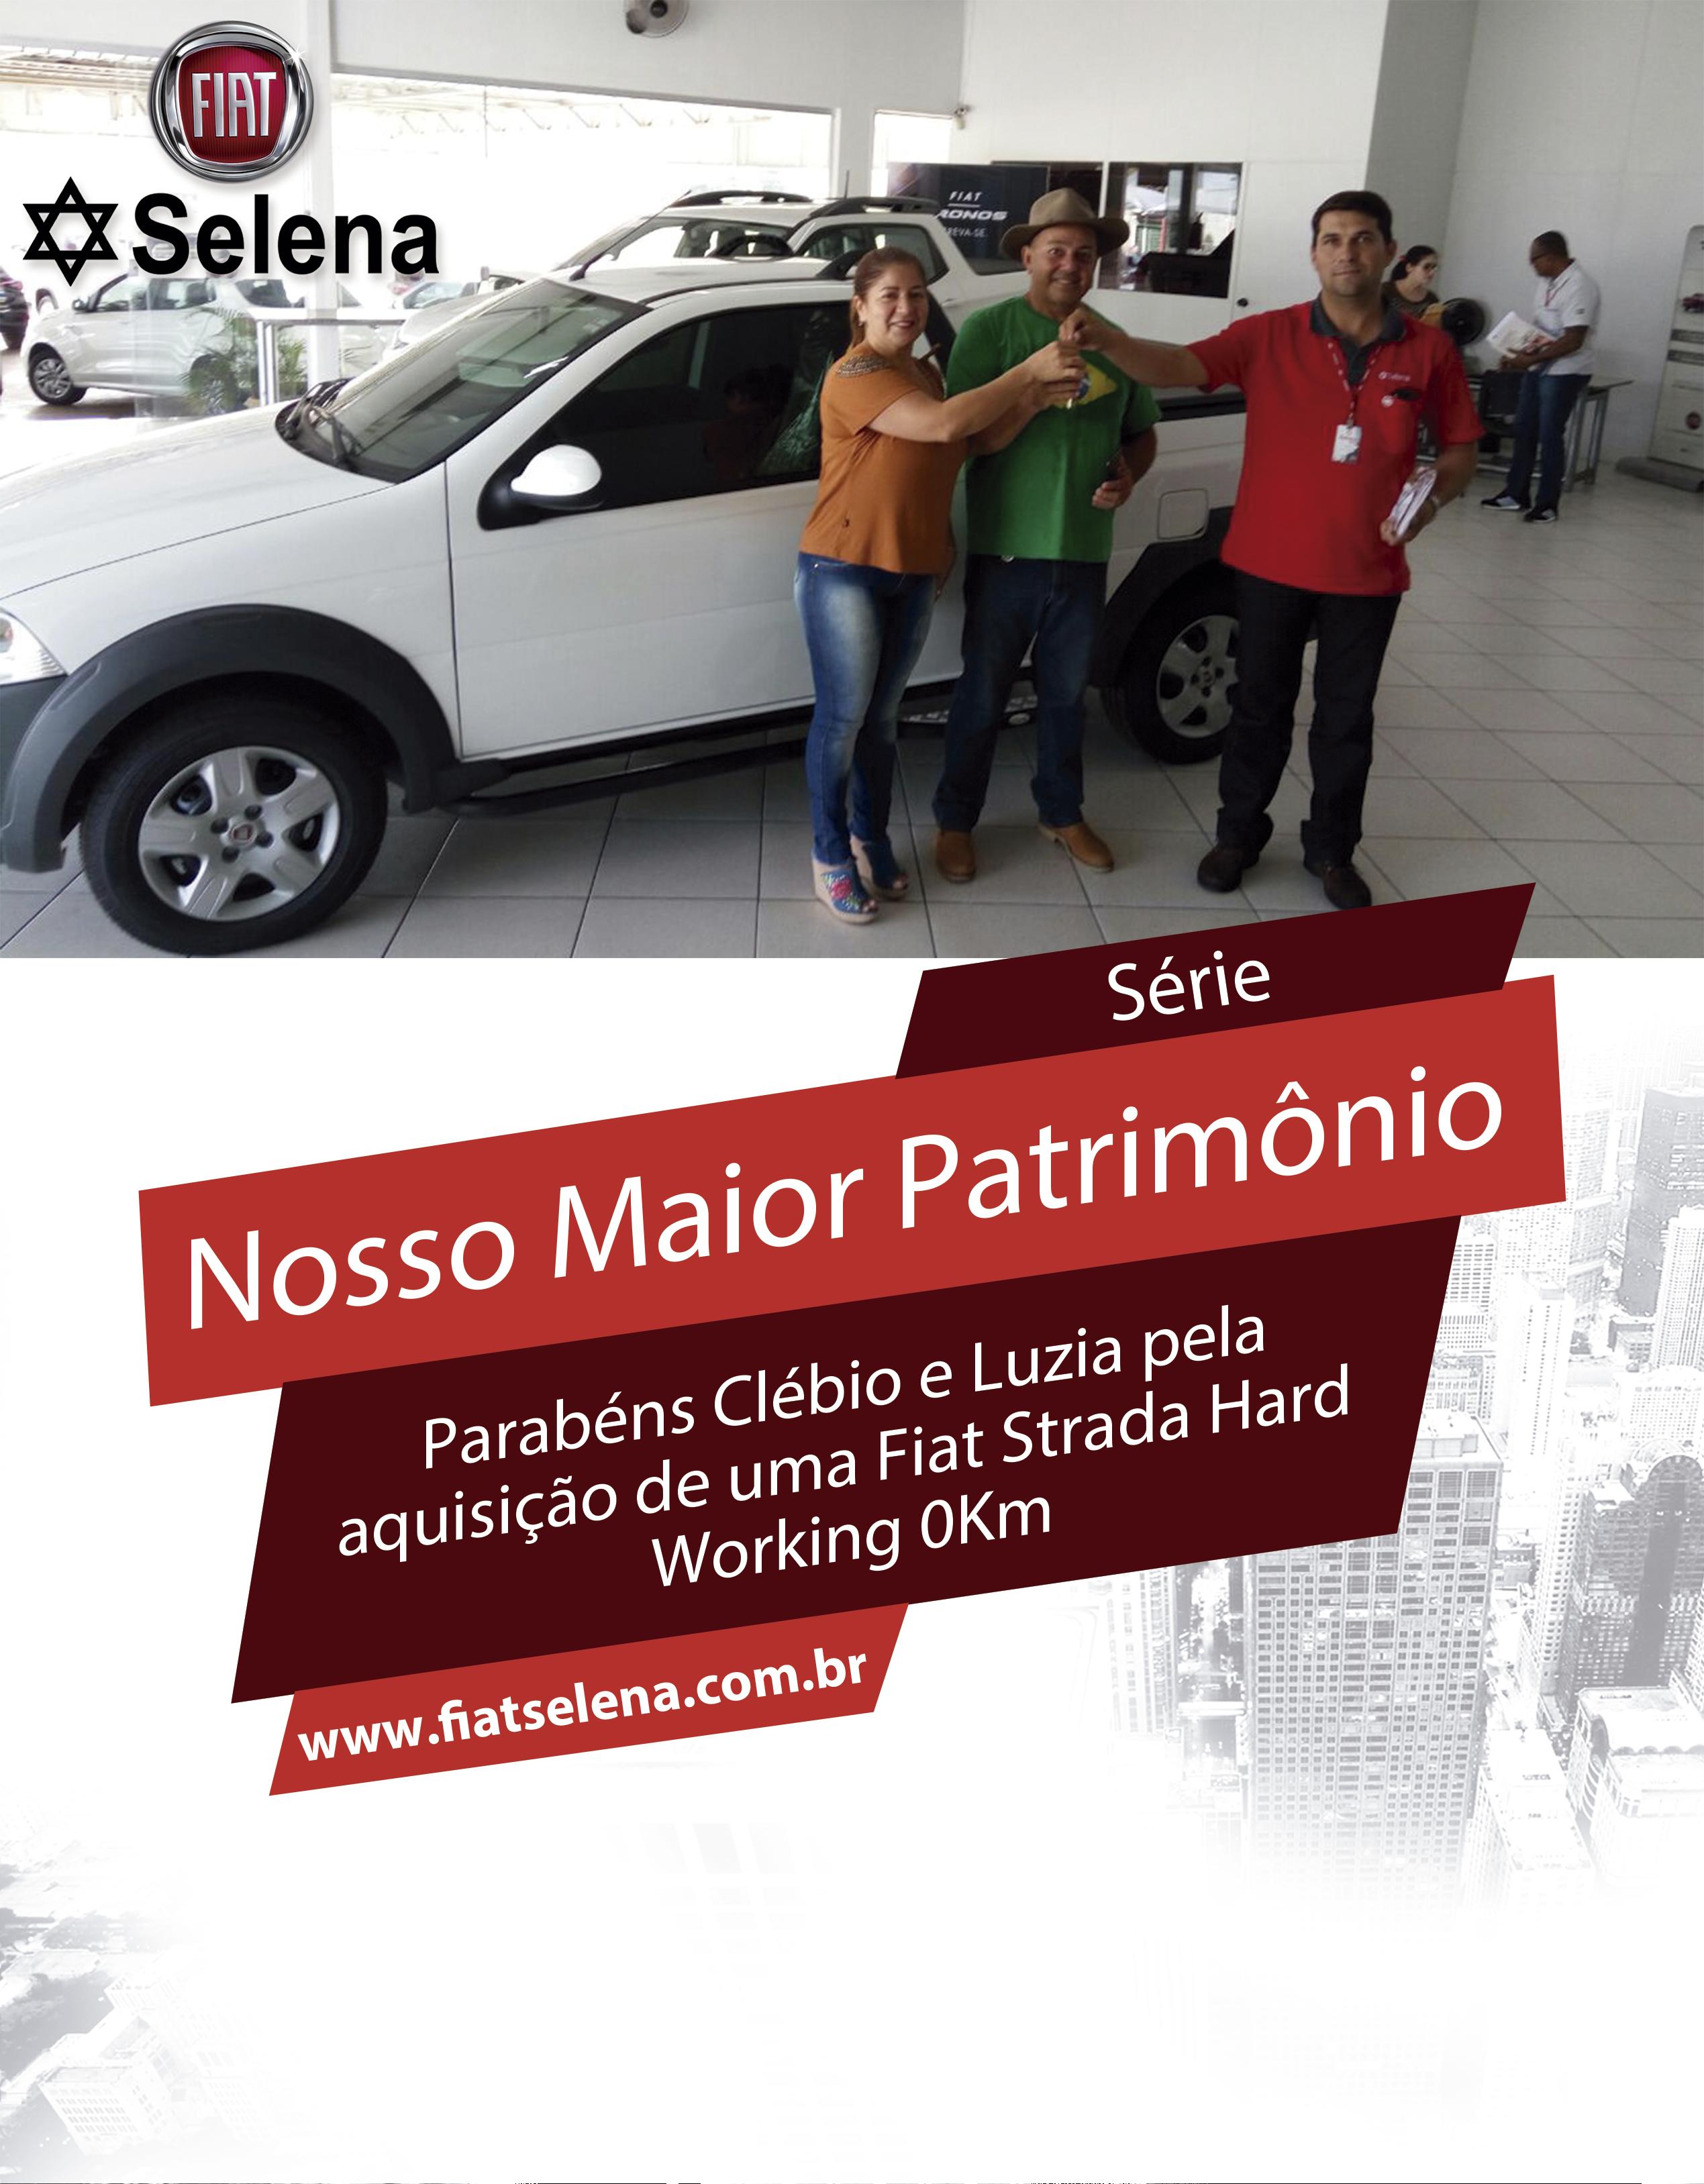 Clébio_e_Luzia_png_insta